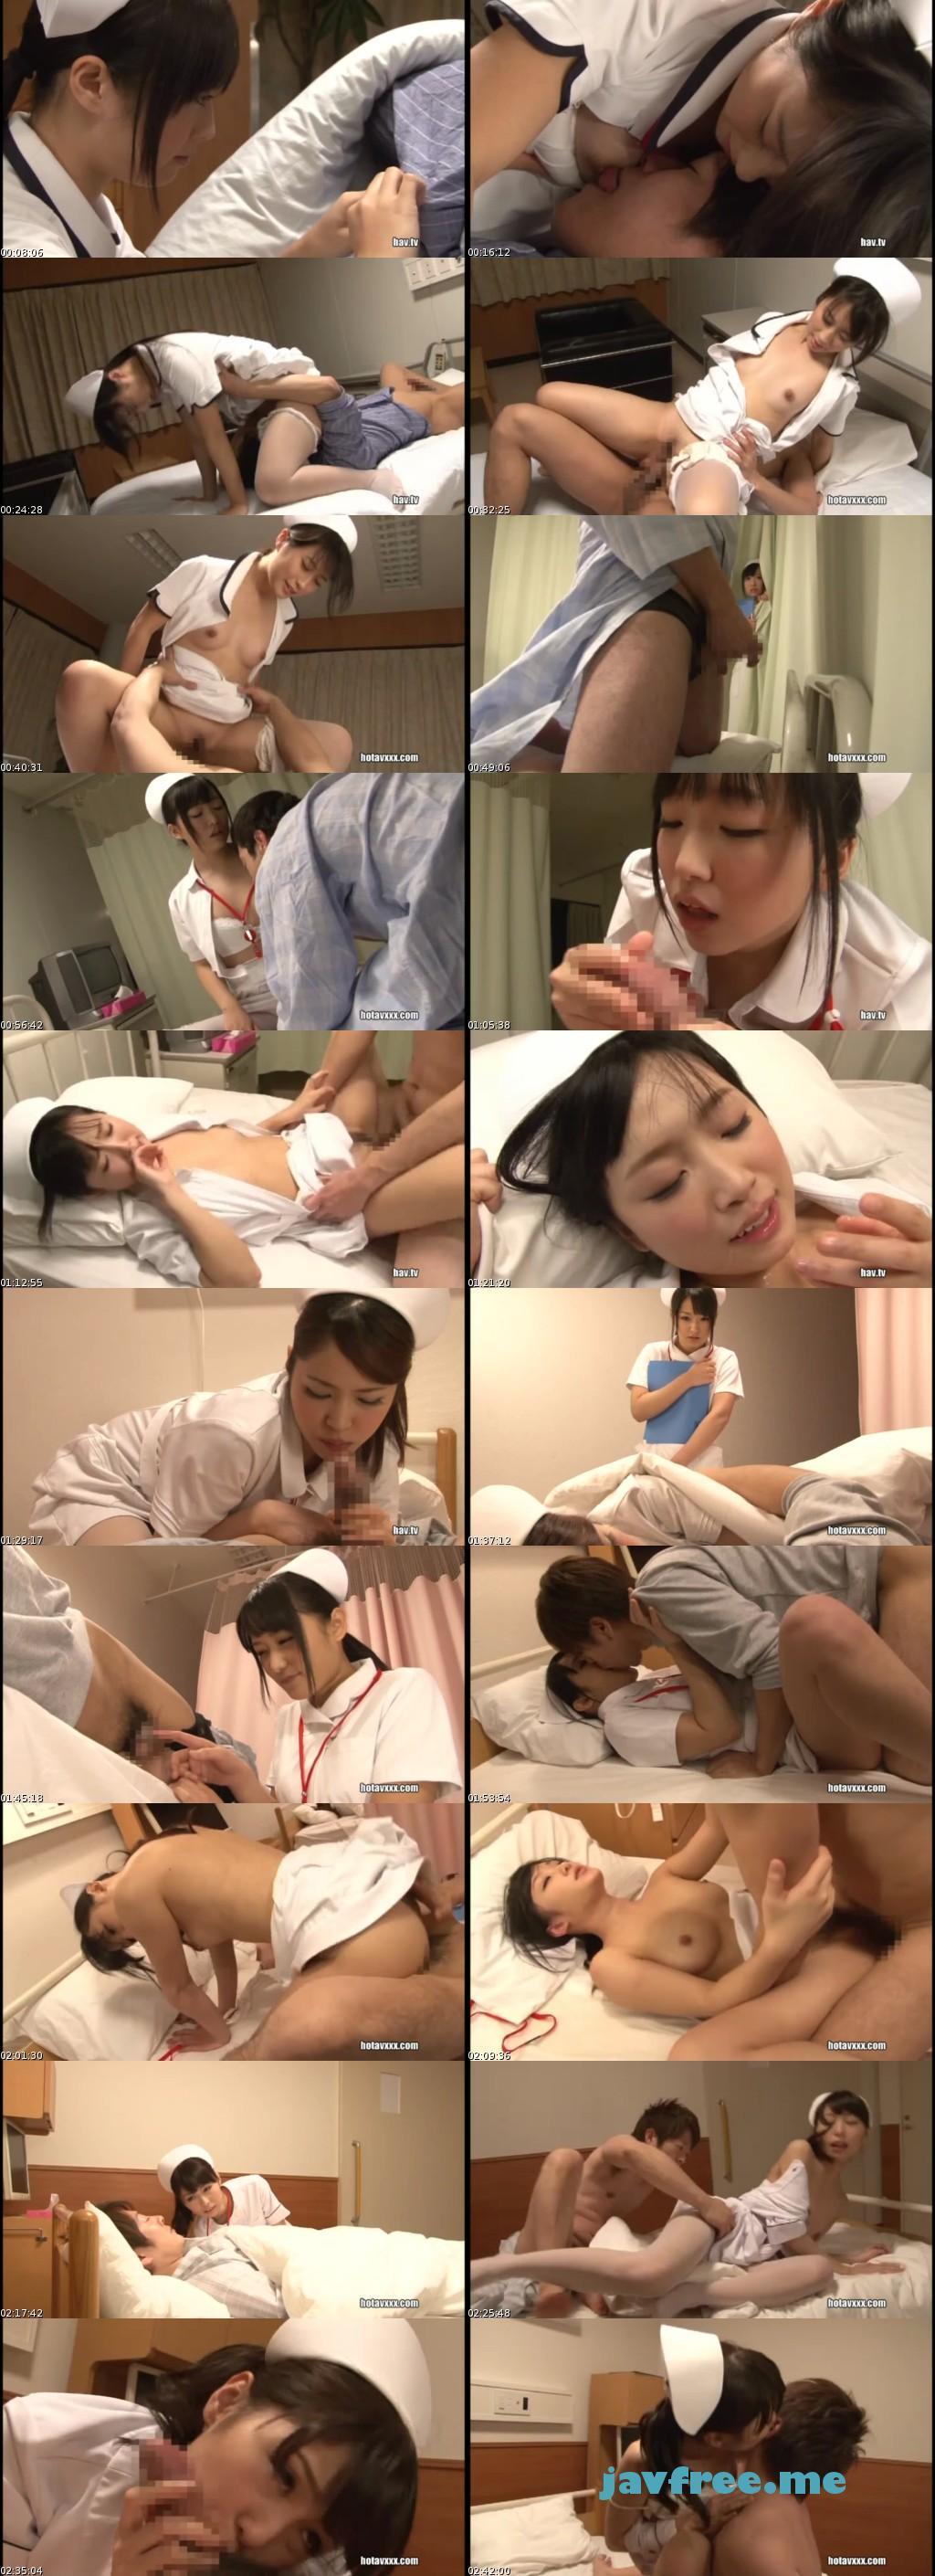 [FSET 424] 彼女が働く病院に入院してHしていたら、それを見て興奮した看護師が夜這いしてきた 芹沢さくら 松下ひかり 平原みなみ 宇佐美なな FSET